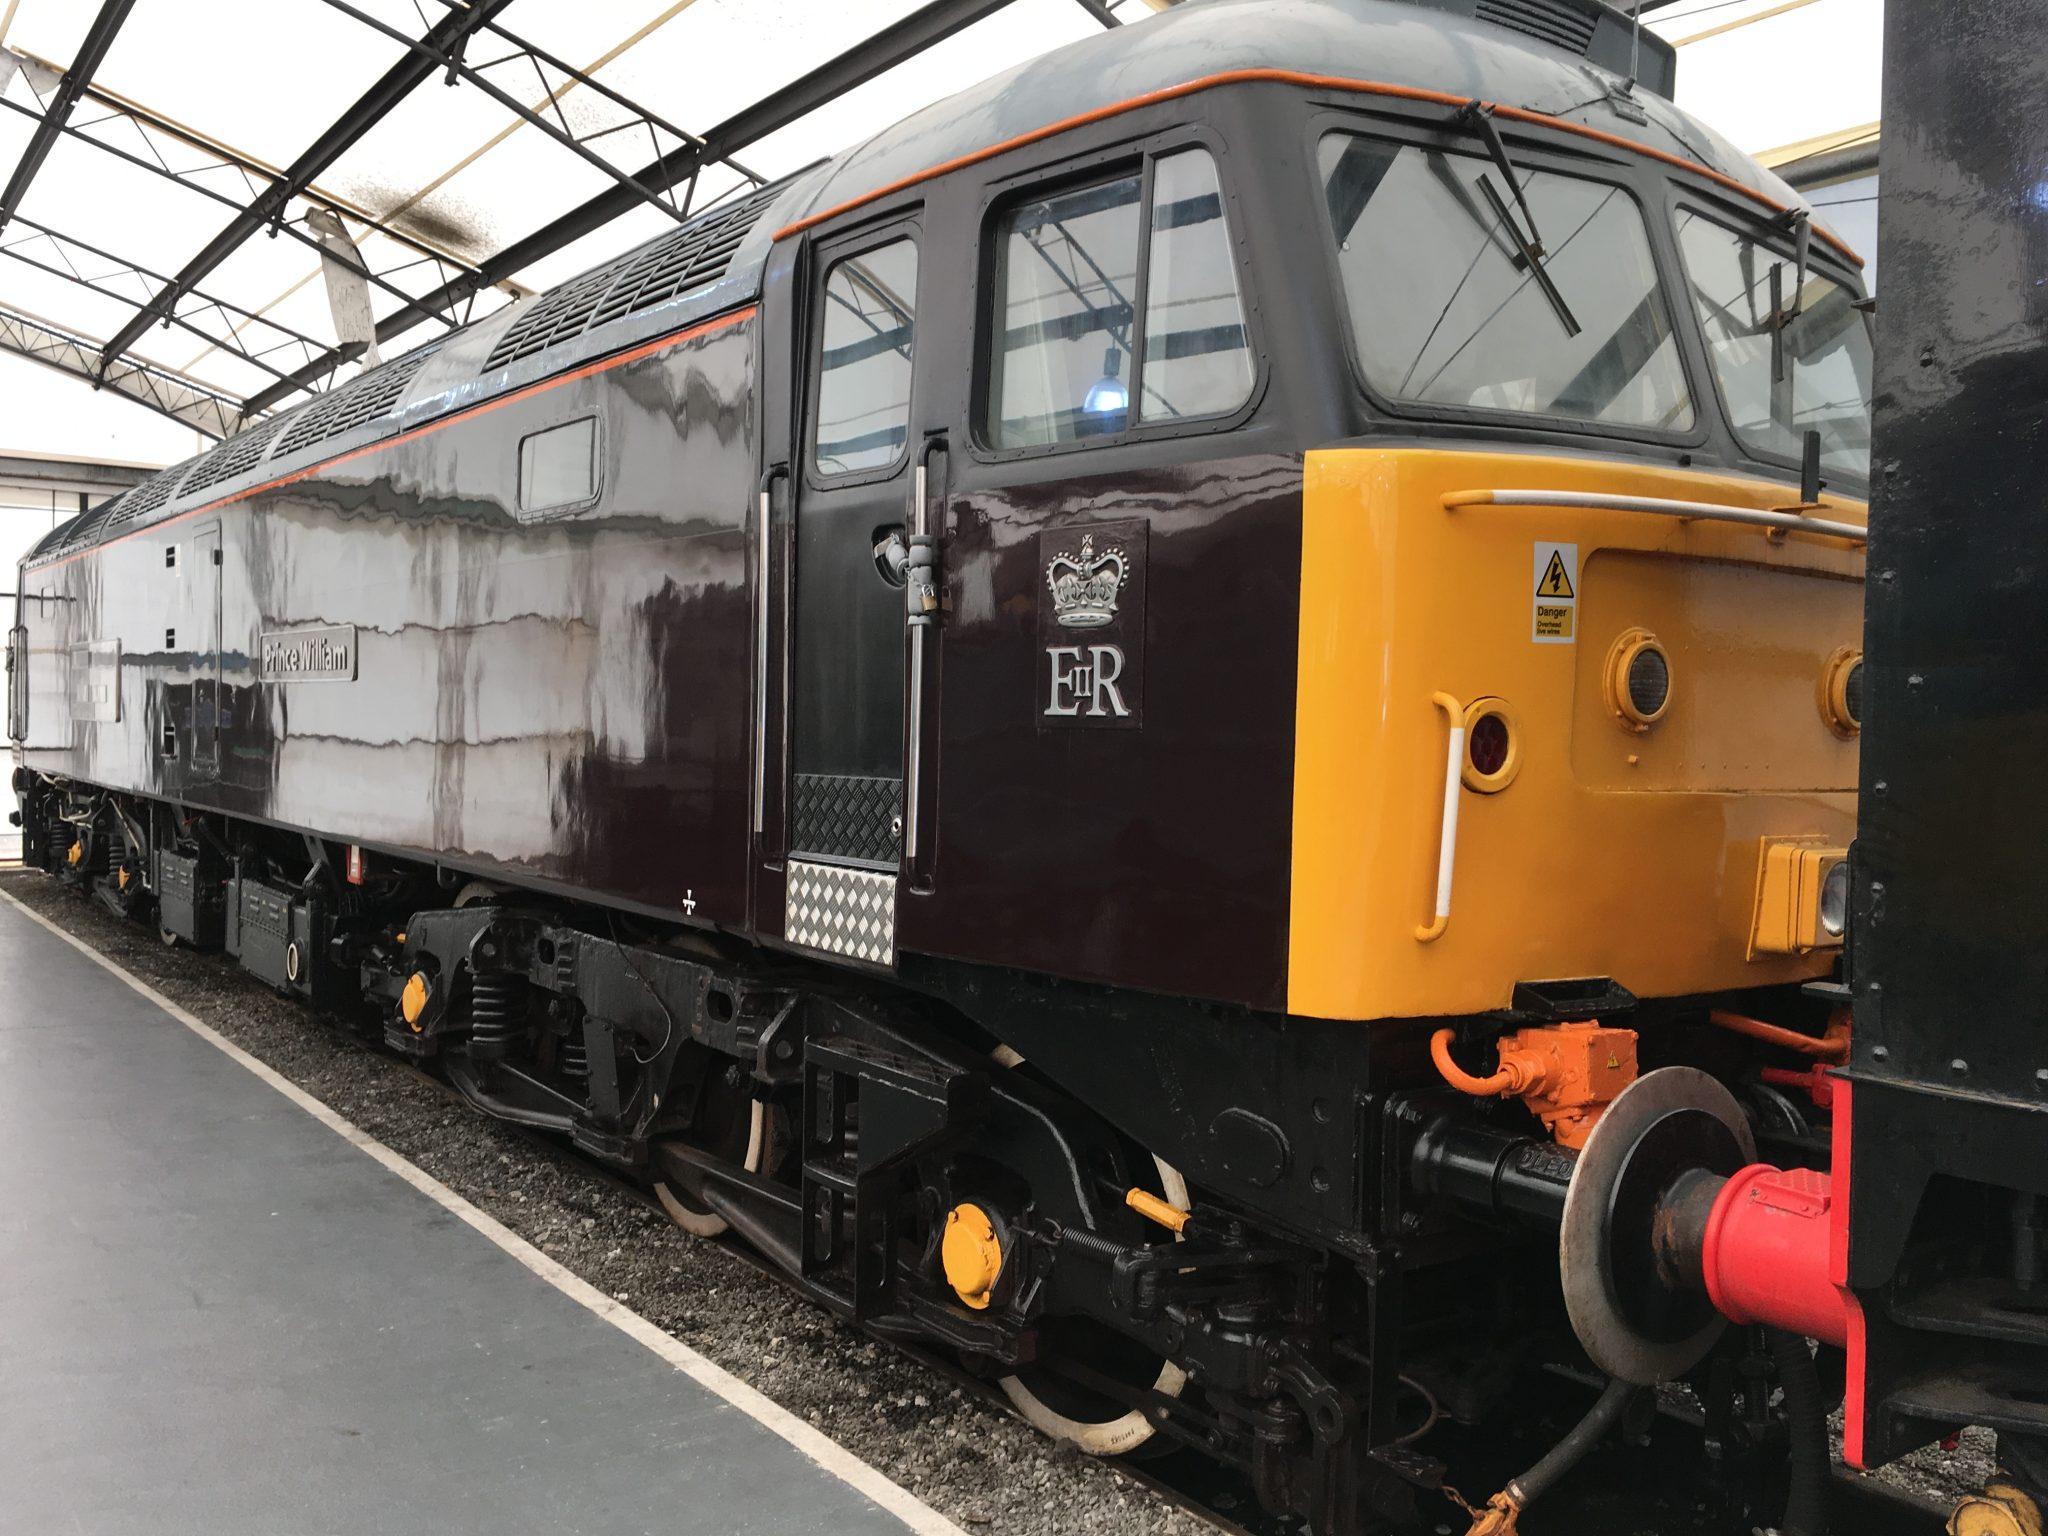 British Royal Train Plum